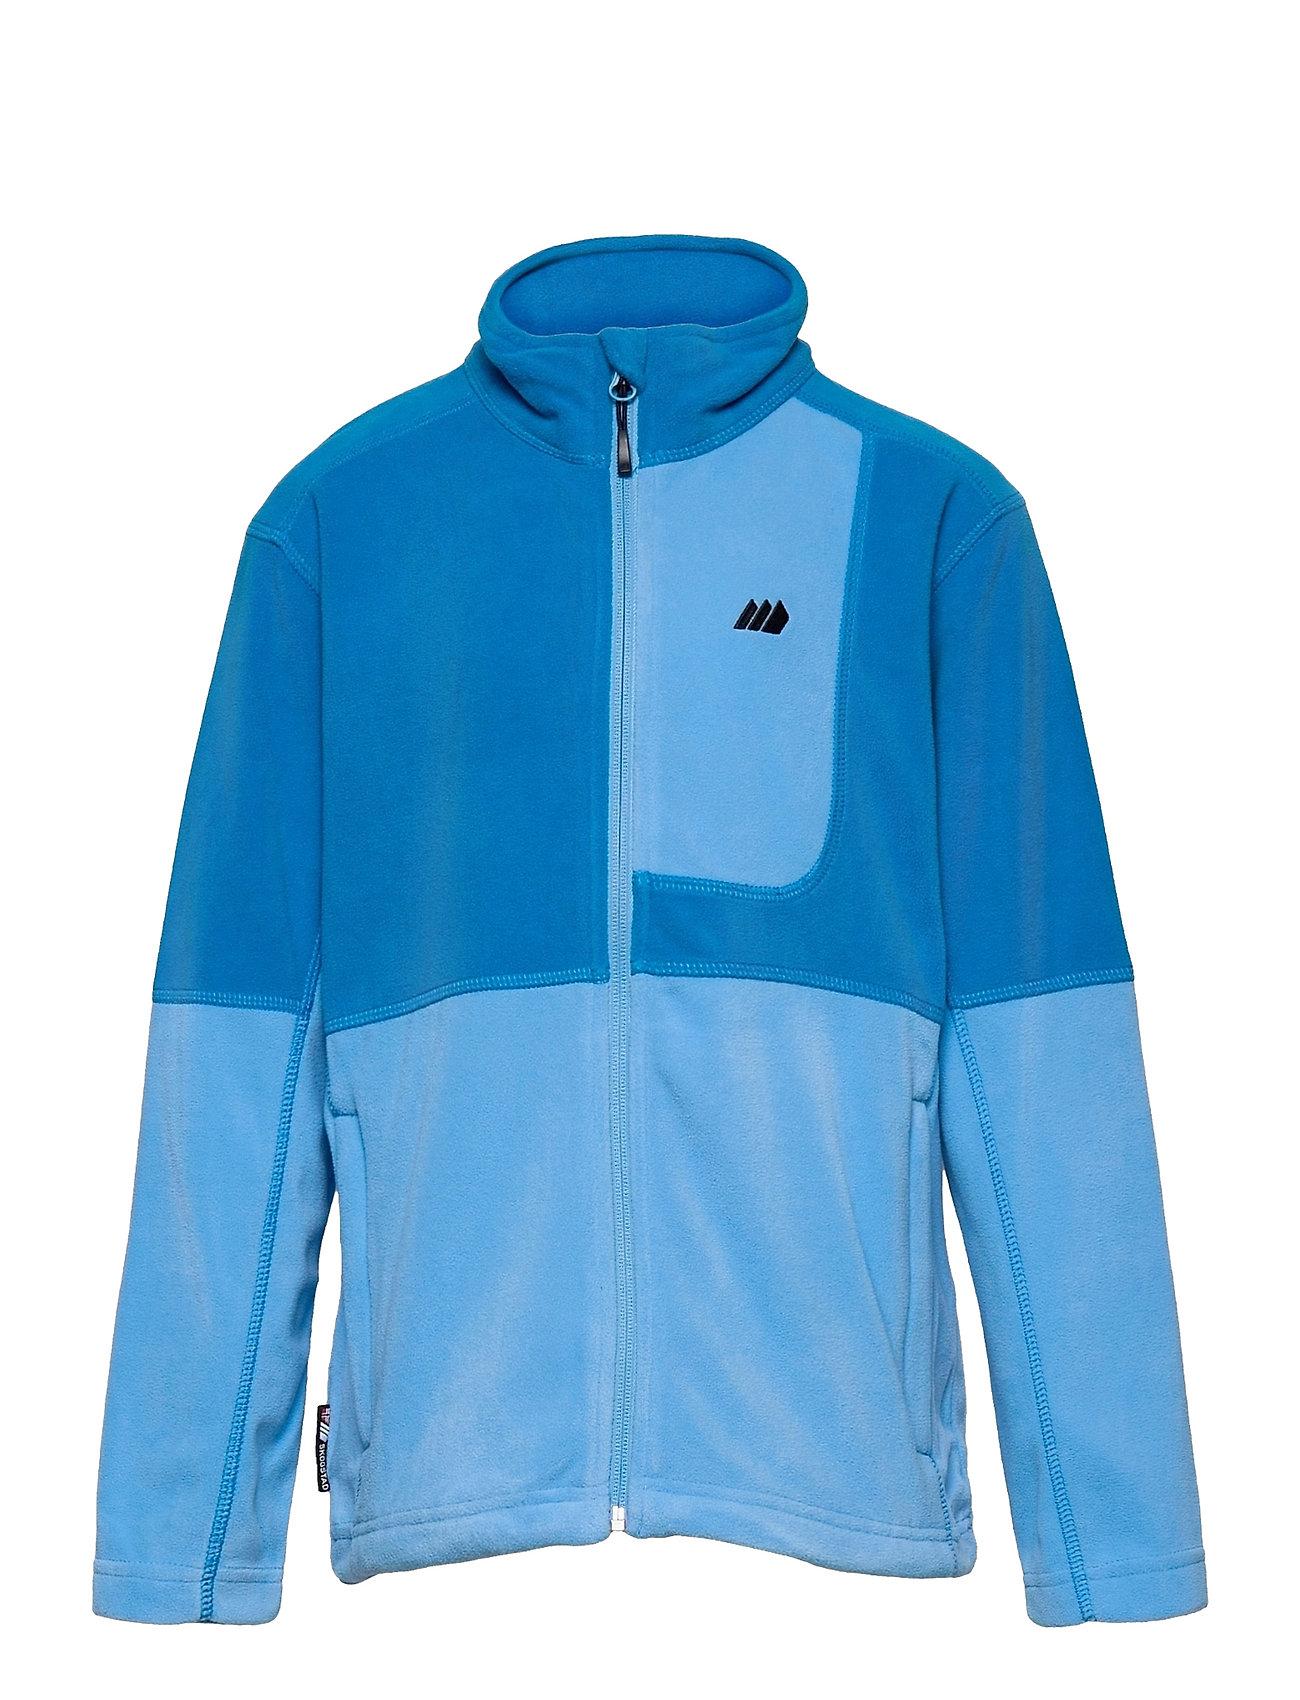 Troms Microfleece Jacket Outerwear Fleece Outerwear Fleece Jackets Blå Skogstad